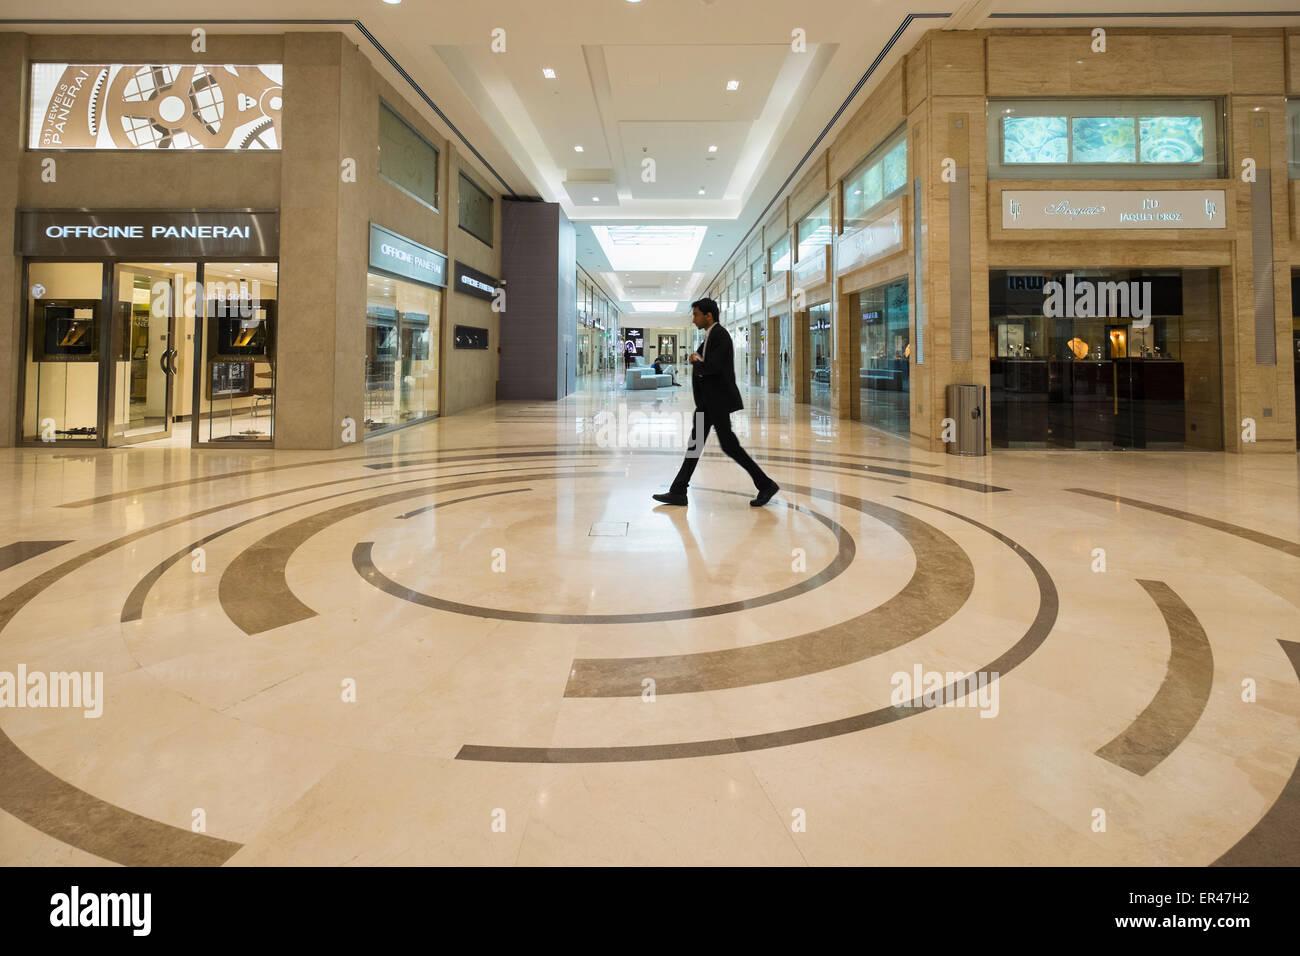 Interior de Moda Mall Shopping Mall en Manama, Bahrein Imagen De Stock